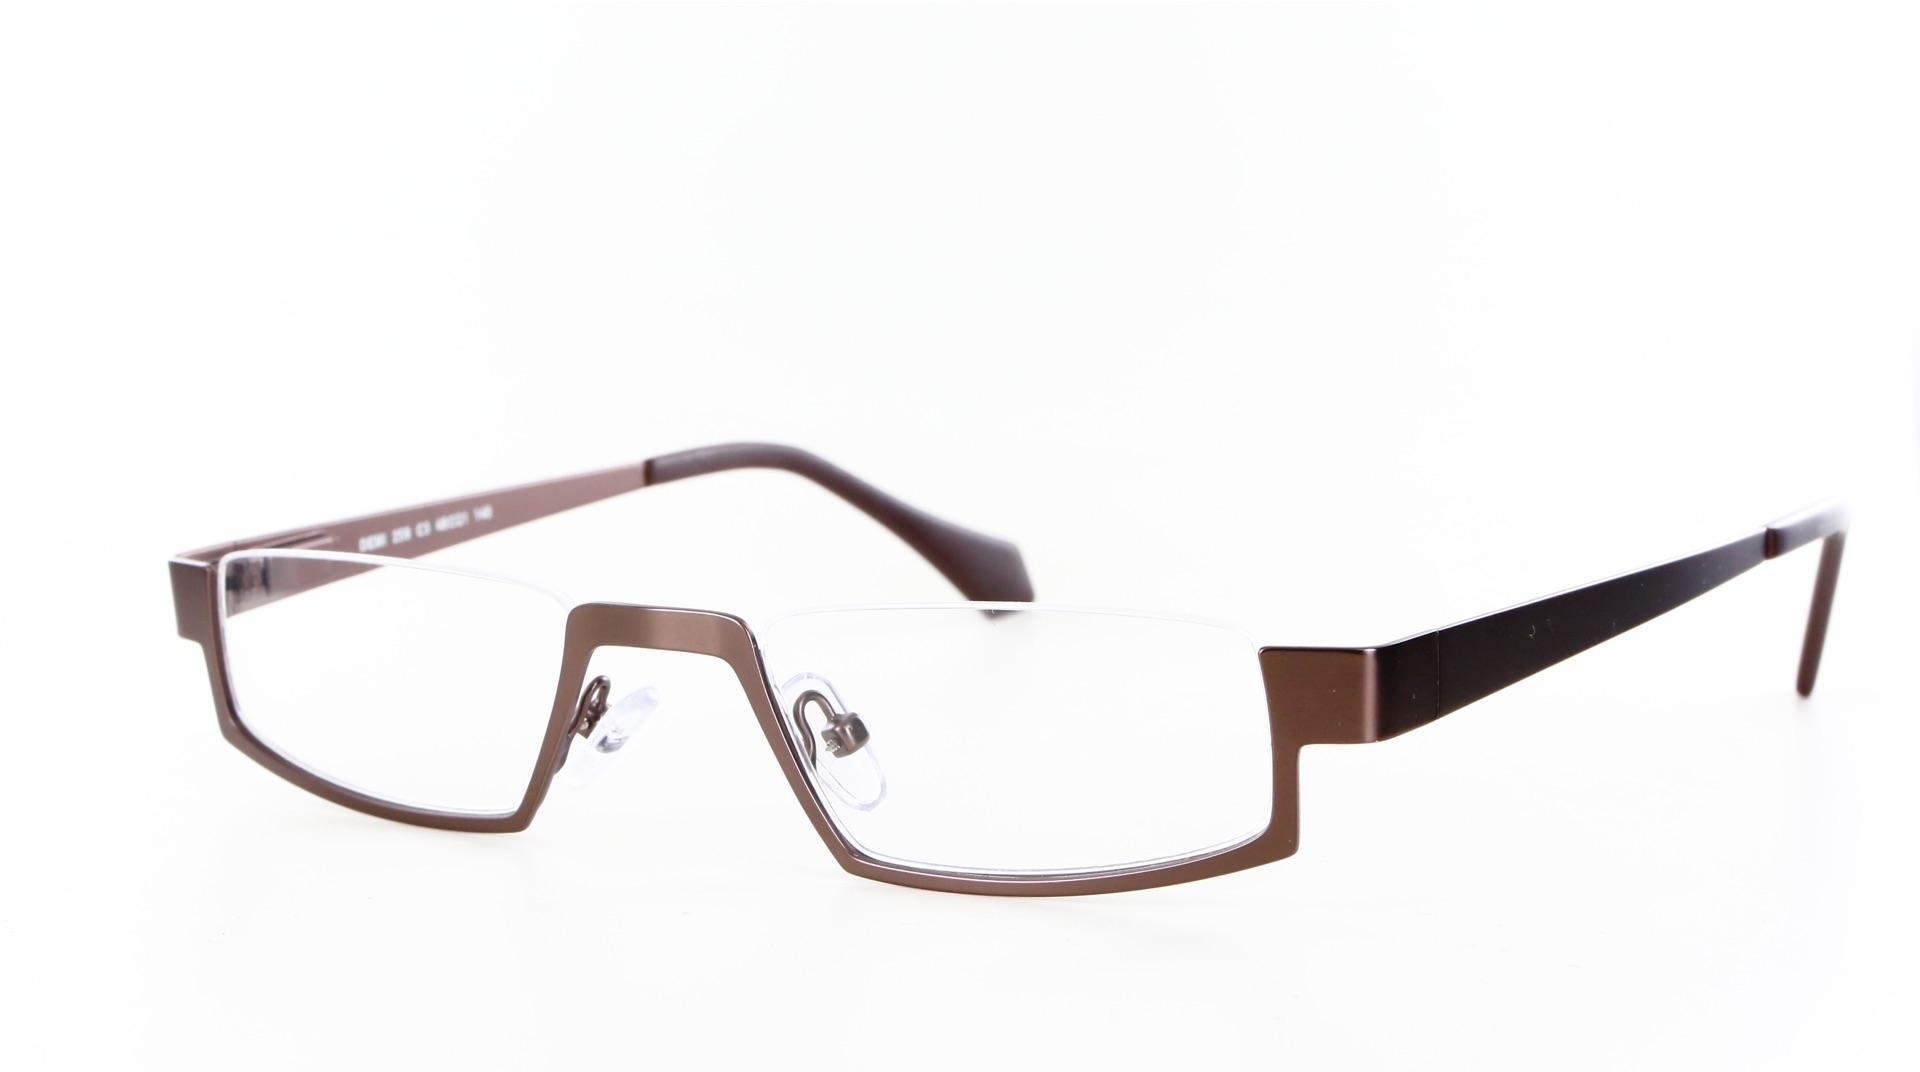 Q Frames - ref: 68947